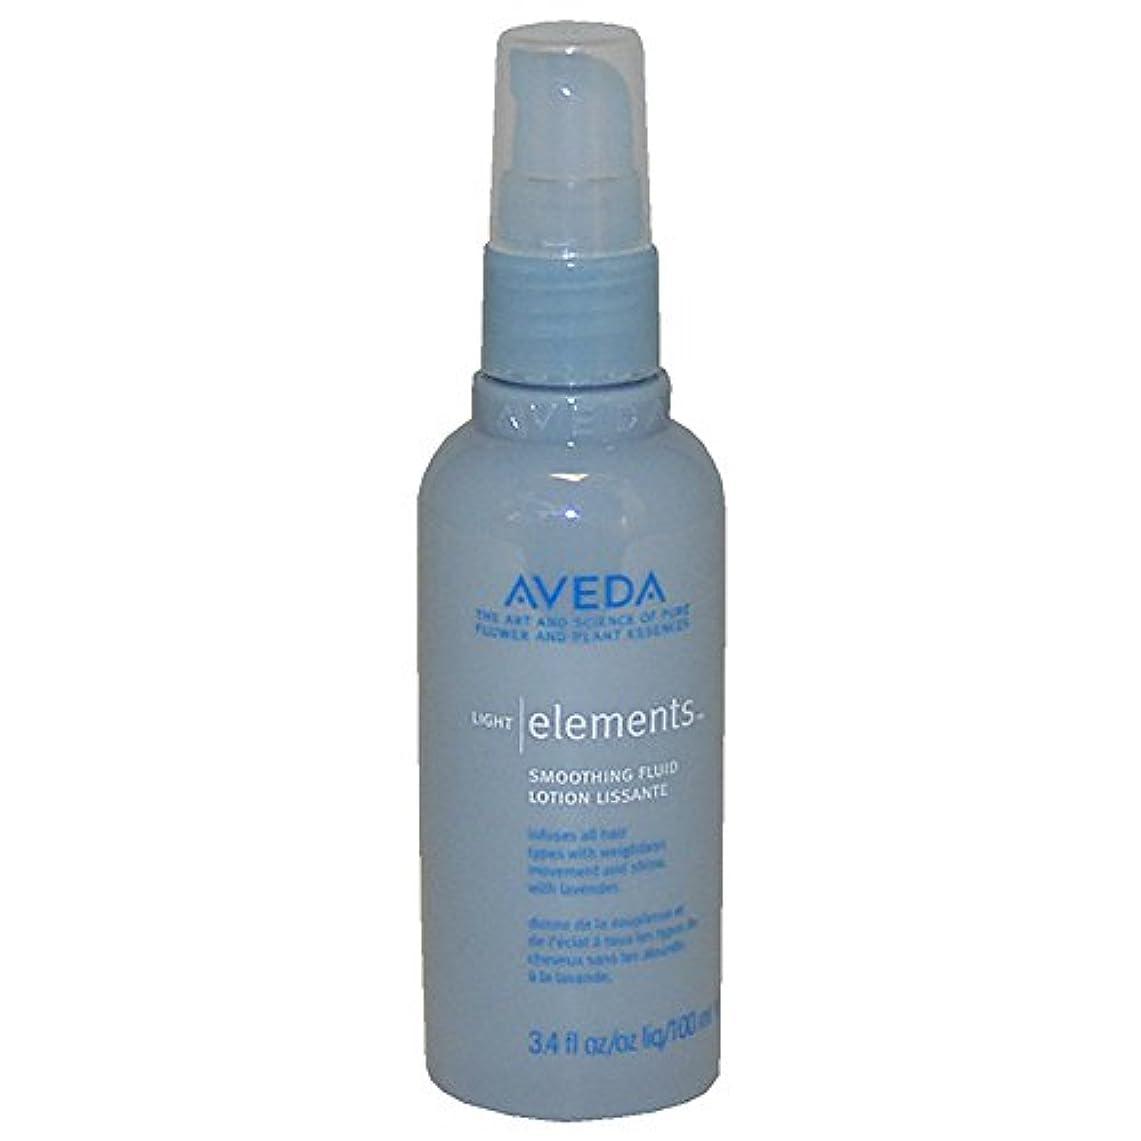 狂乱ハーフ添加剤Aveda Light Elements Smoothing Fluid 100ml [並行輸入品]